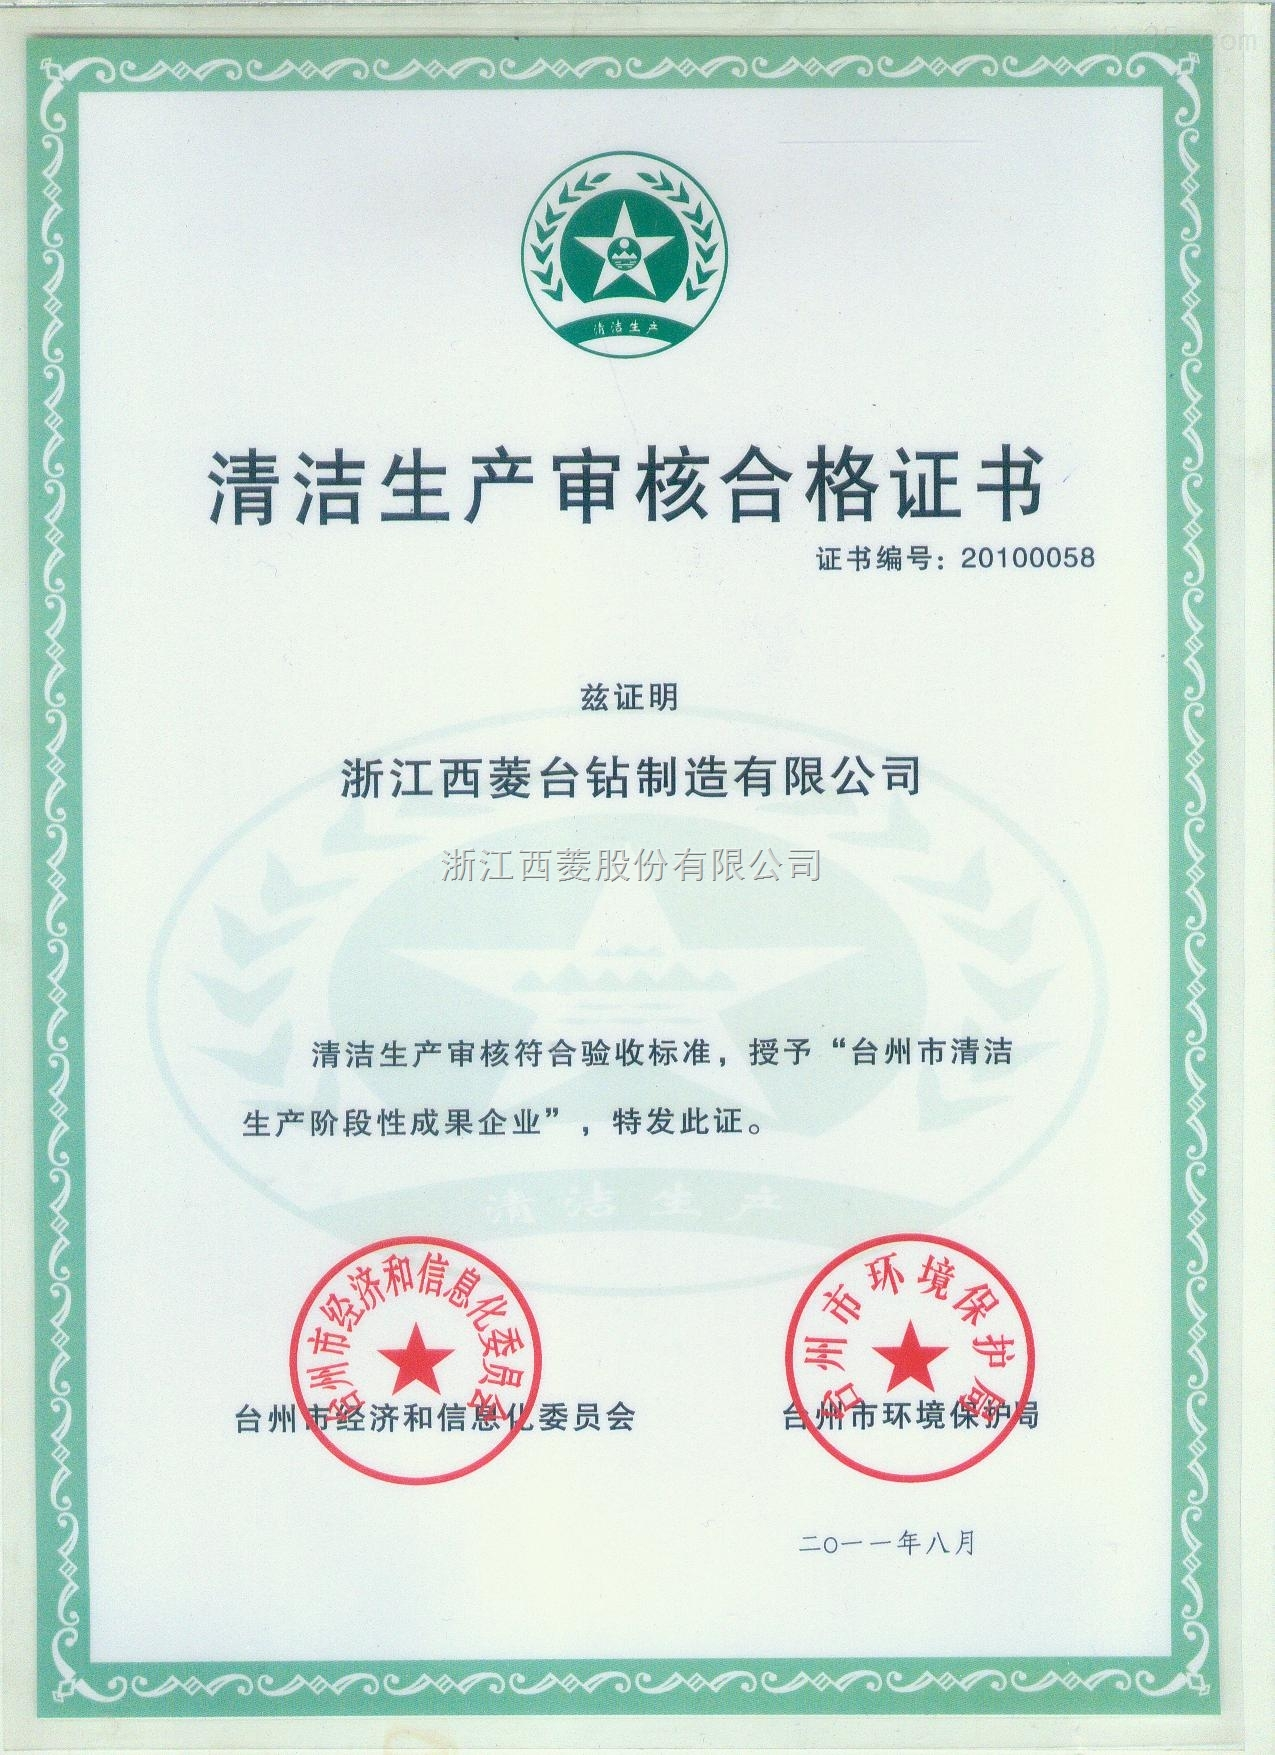 2011年清洁生产审核合格证书